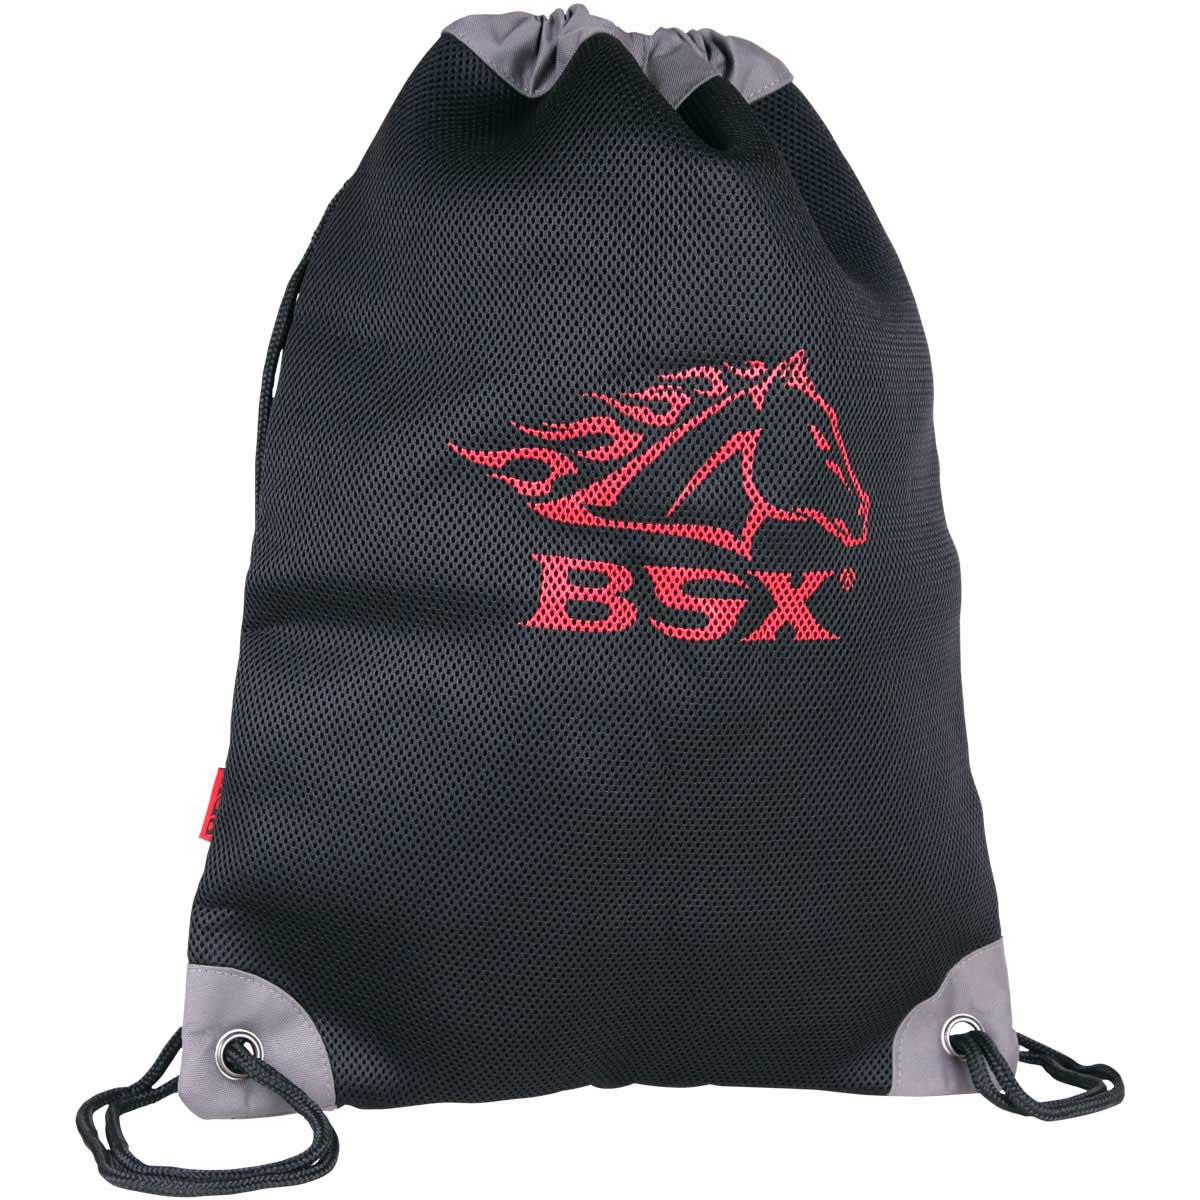 BSX HELMET UTILITY BAG, TOP HANDLE, COOL MESH. Pack 1. GB200